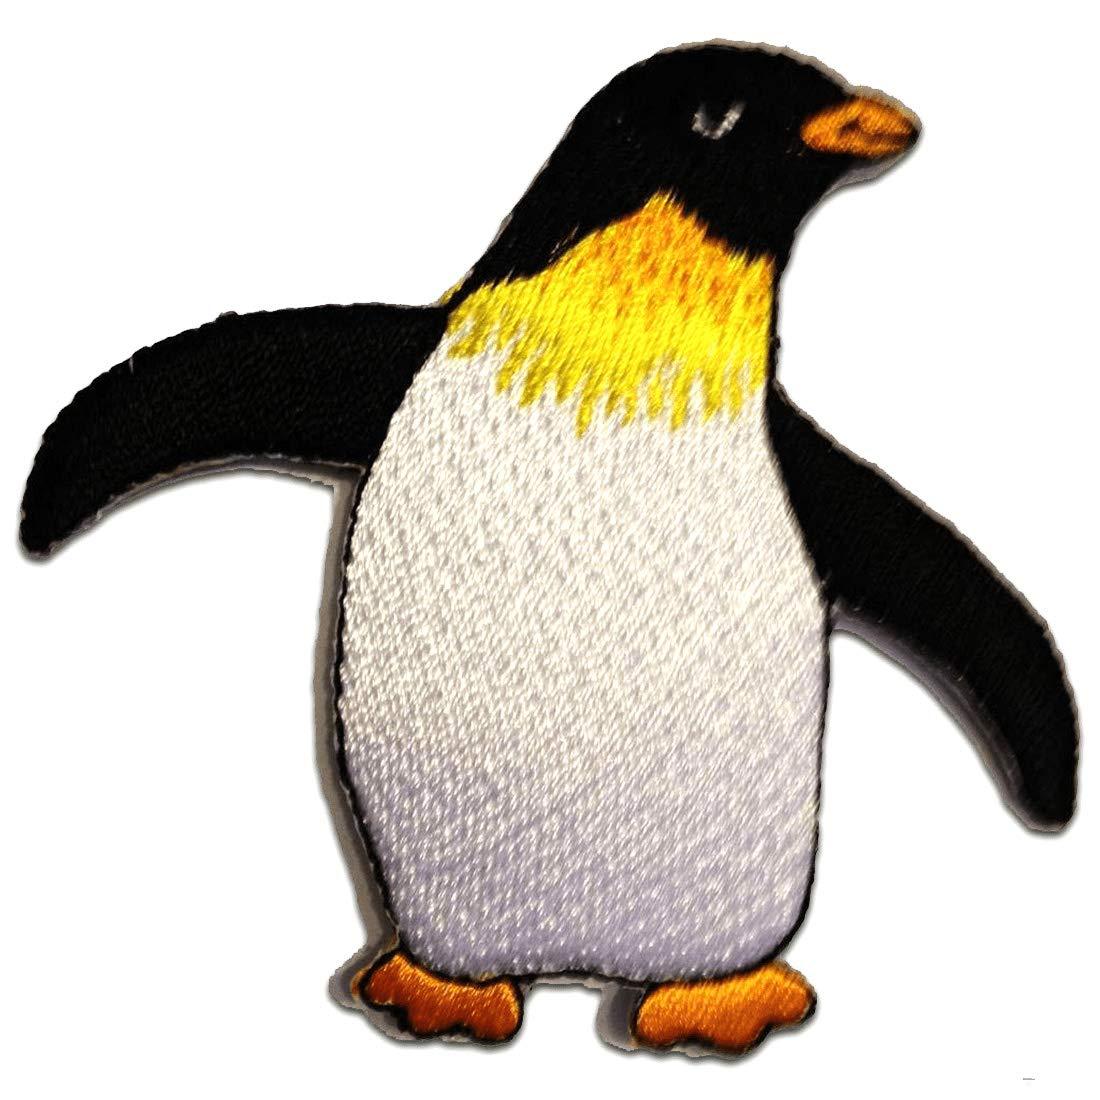 bianco 7,8x7,2cm Patch Toppa ricamate Applicazioni Ricamata da cucire adesive Toppe termoadesive pinguino bambini animale Happy Feet